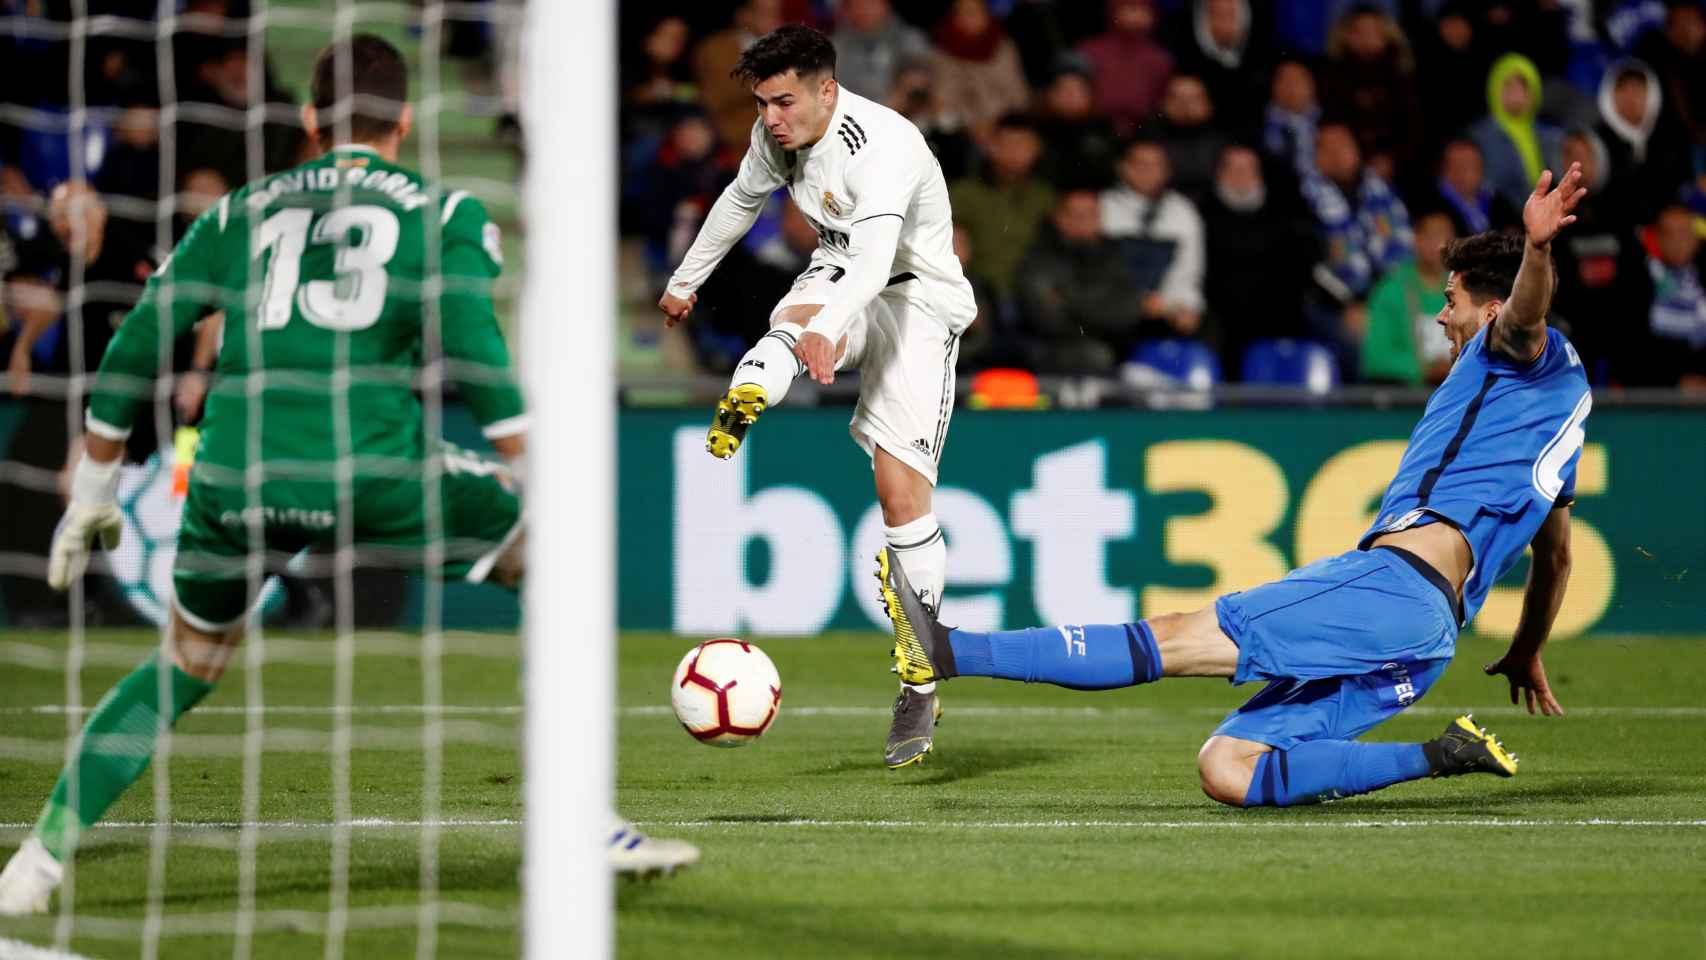 Brahim Díaz dispara a portería tras dejar de lado a un jugador del Getafe